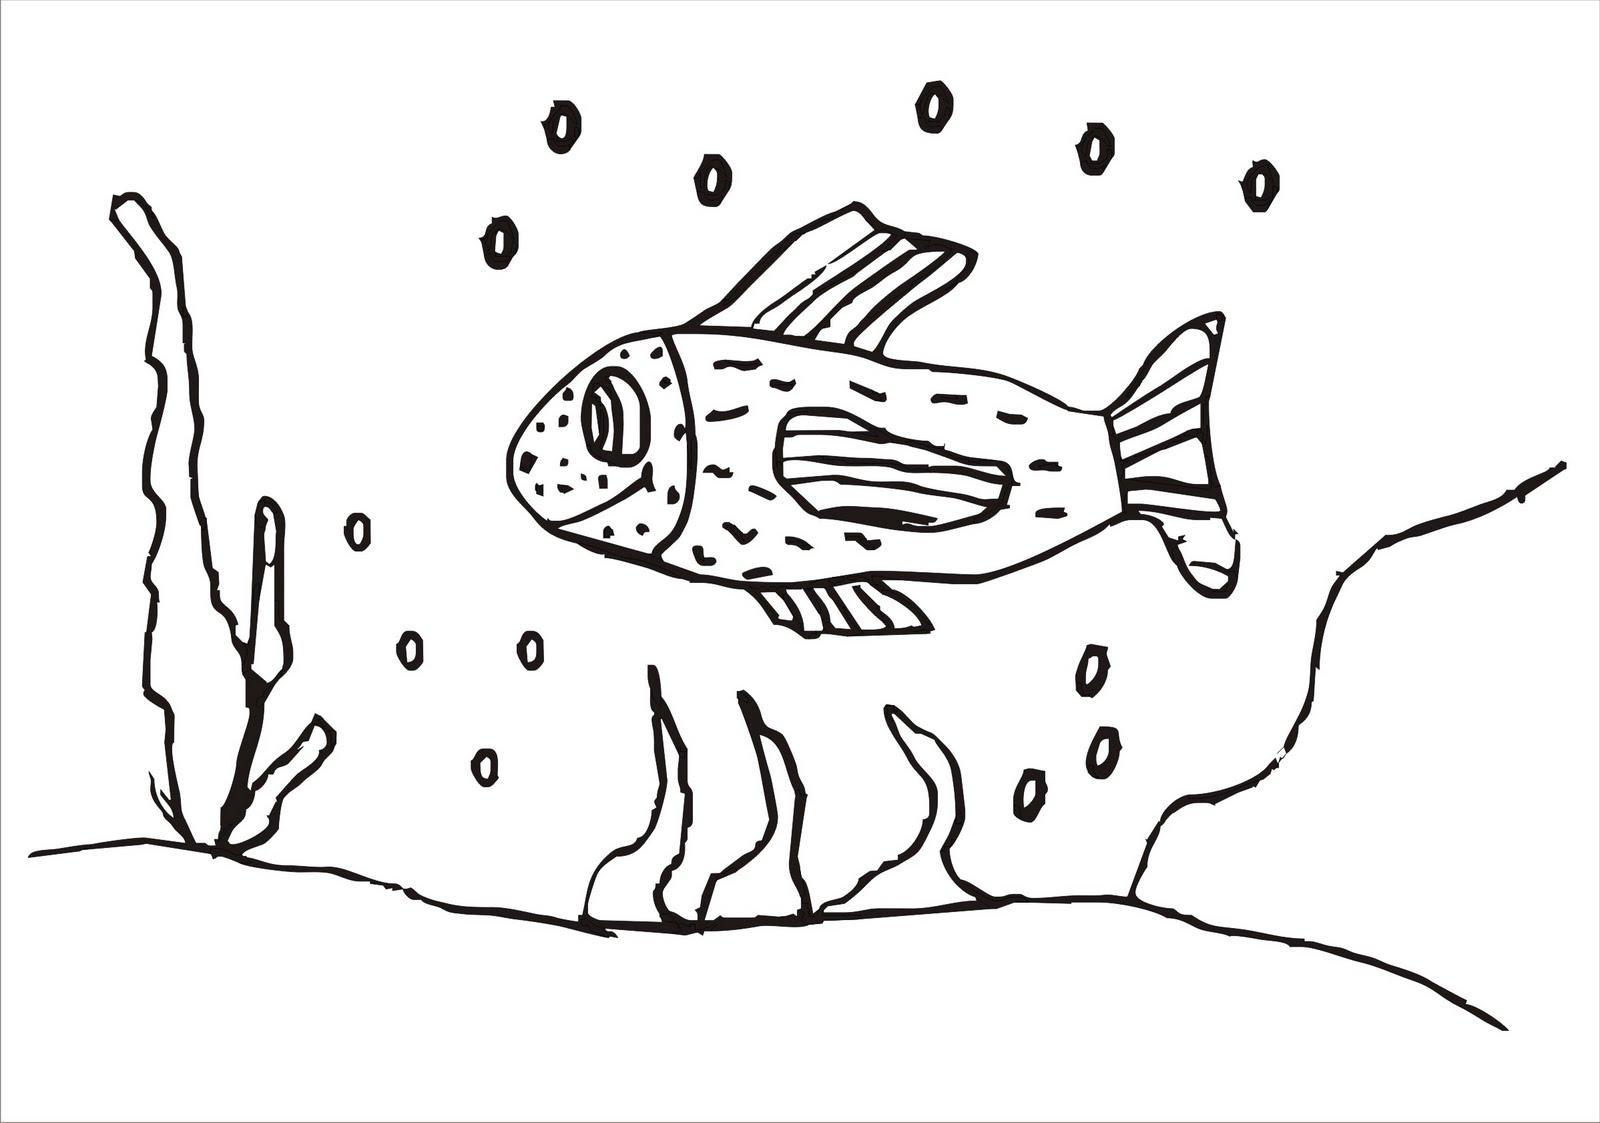 desenhos para colorir desenho para colorir de peixe aqui você